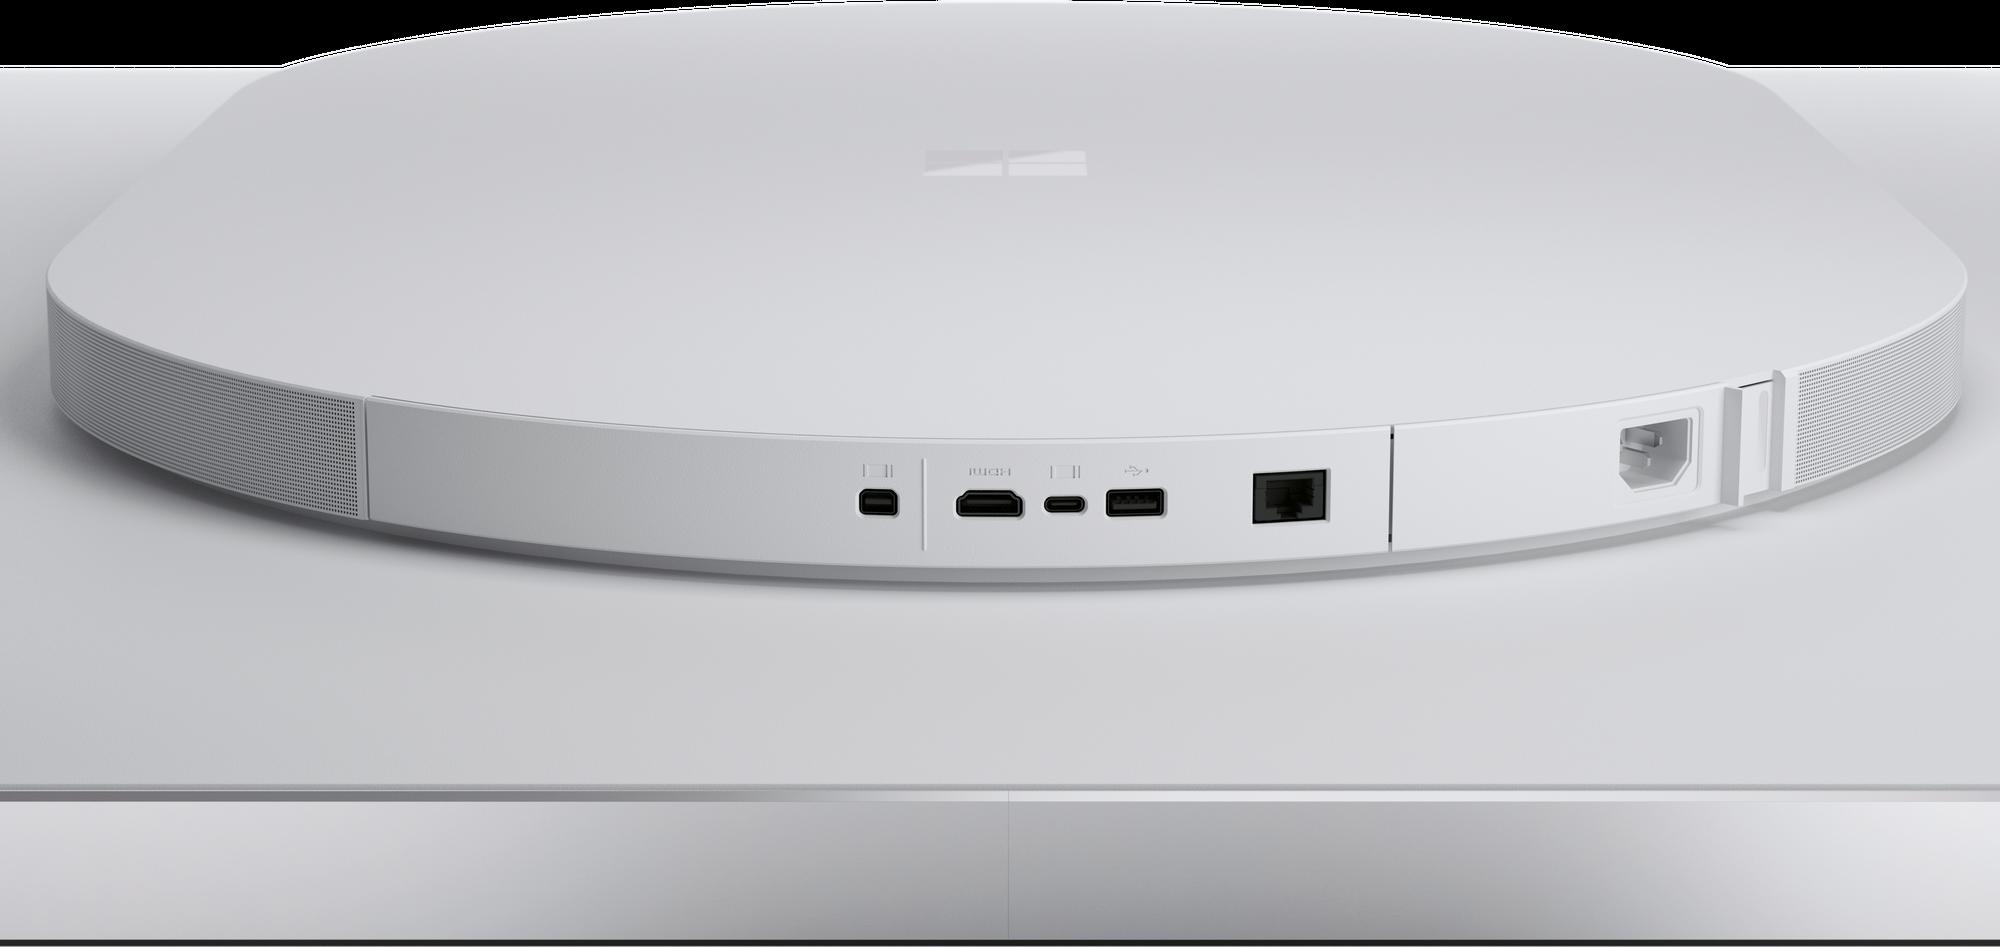 Die verschiedenen Anschlüsse des Surface Hub 2S 85-Zoll in einer Seitenansicht